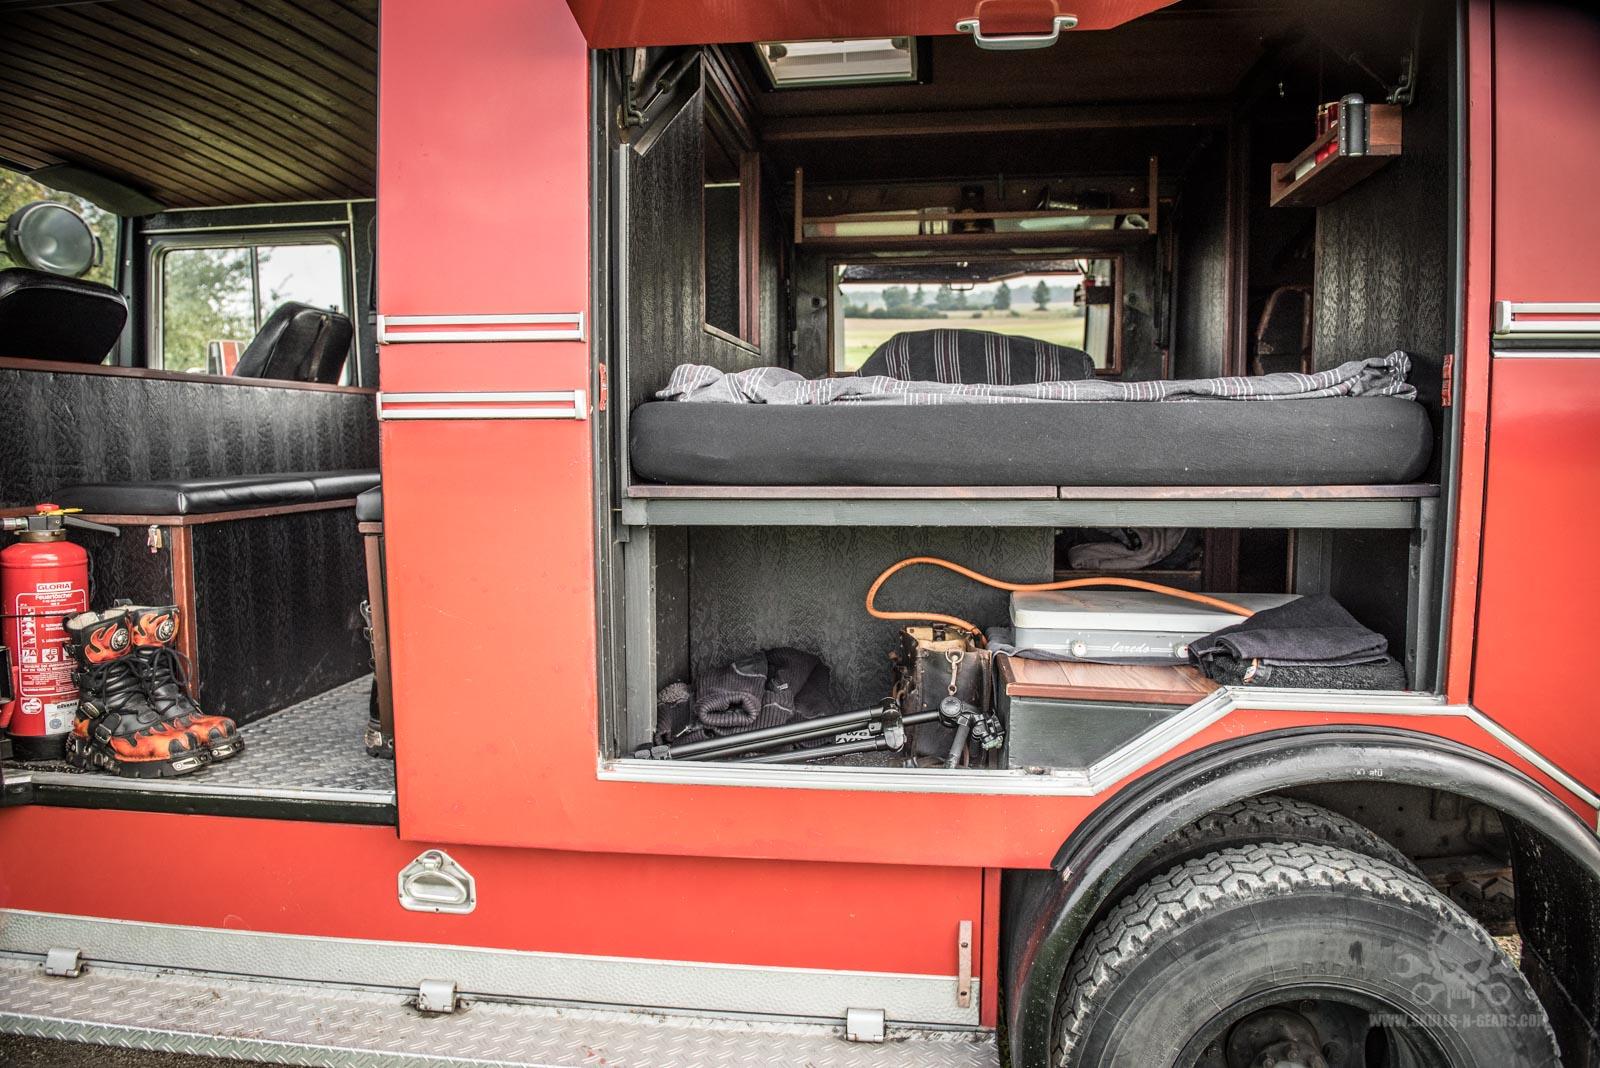 Feuerwehr_LP_608-19